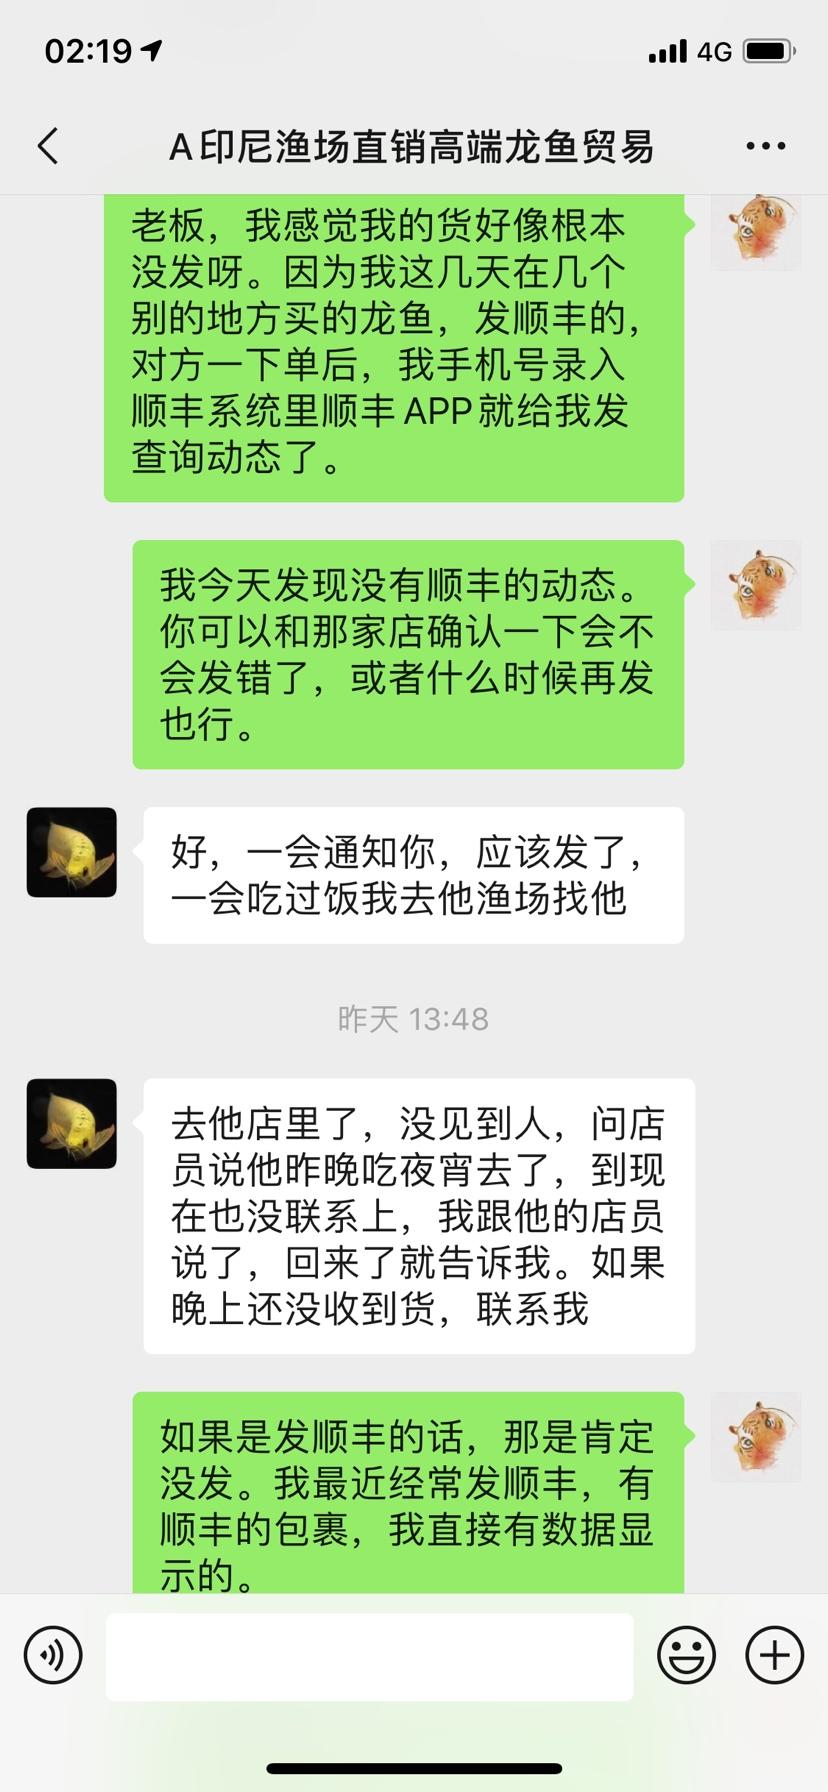 警惕淘宝诈骗鱼商印尼轩戈中高端渔场 北京观赏鱼 北京龙鱼第2张